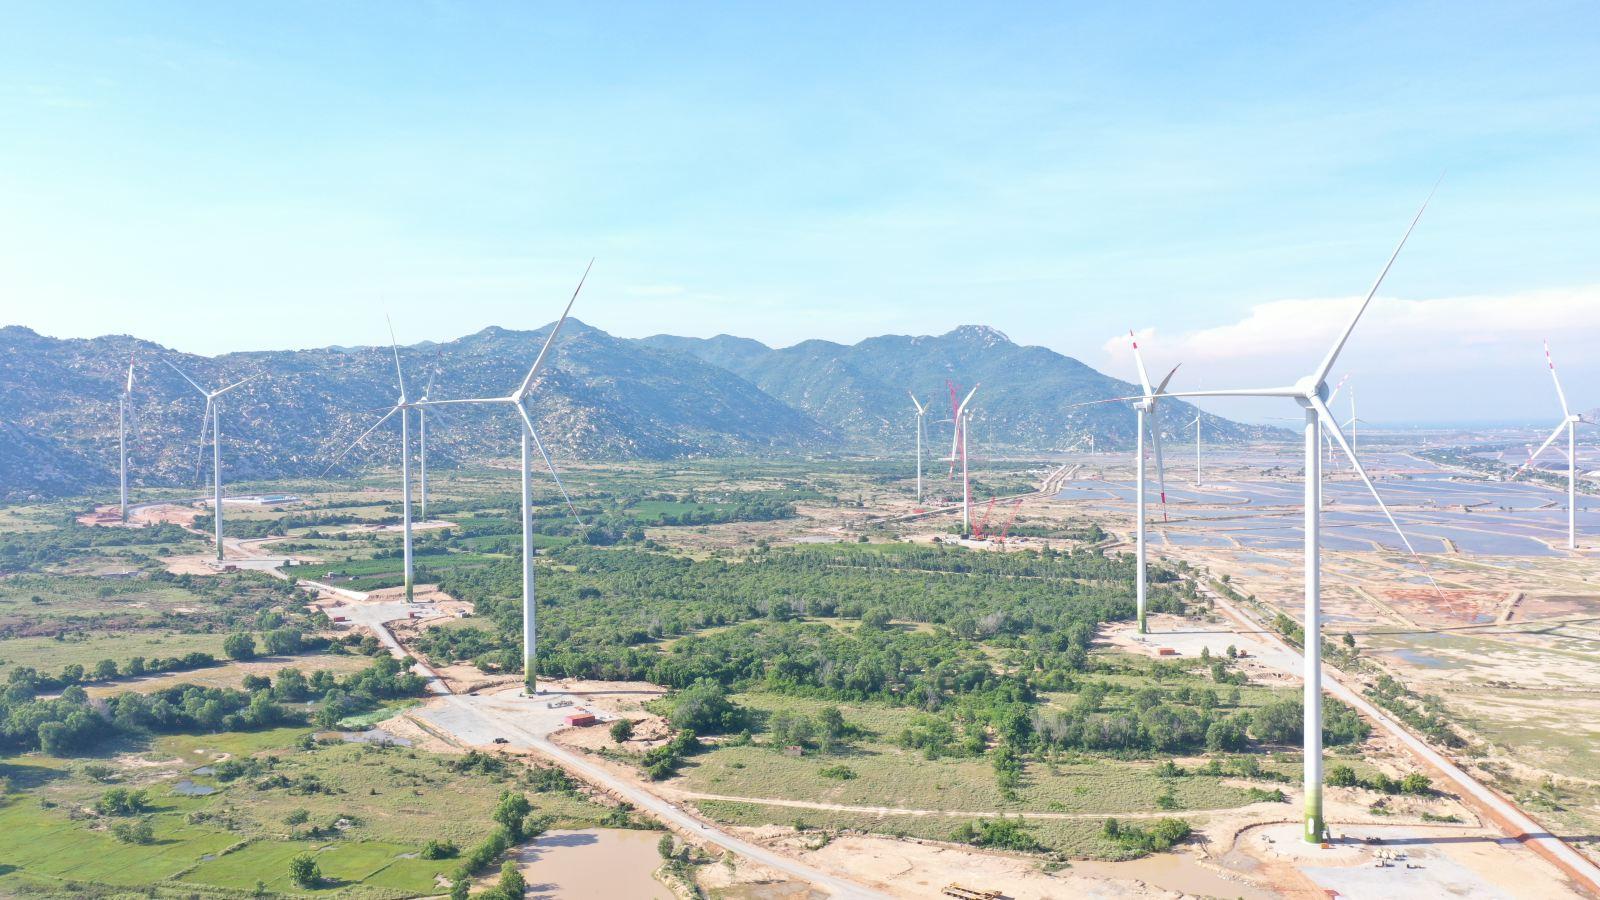 Chứng khoán Bản Việt vừa chi 400 tỷ đồng để trở thành cổ đông lớn HDG